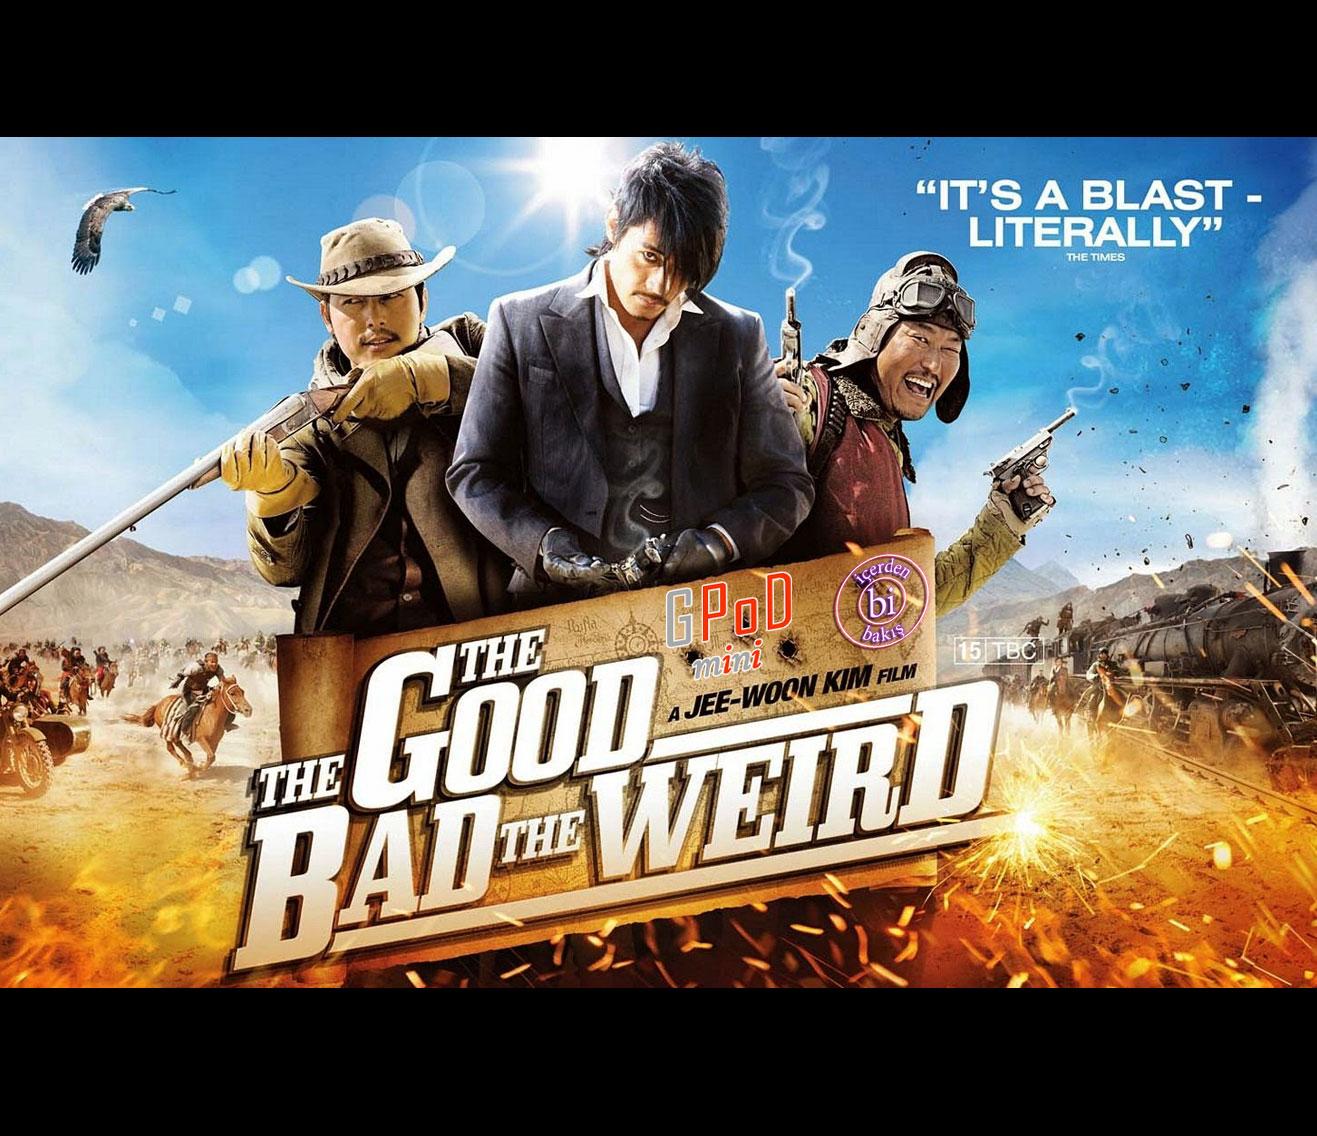 İçerden Bi Bakış – EP04 – The Good The Bad The Weird İncelemesi